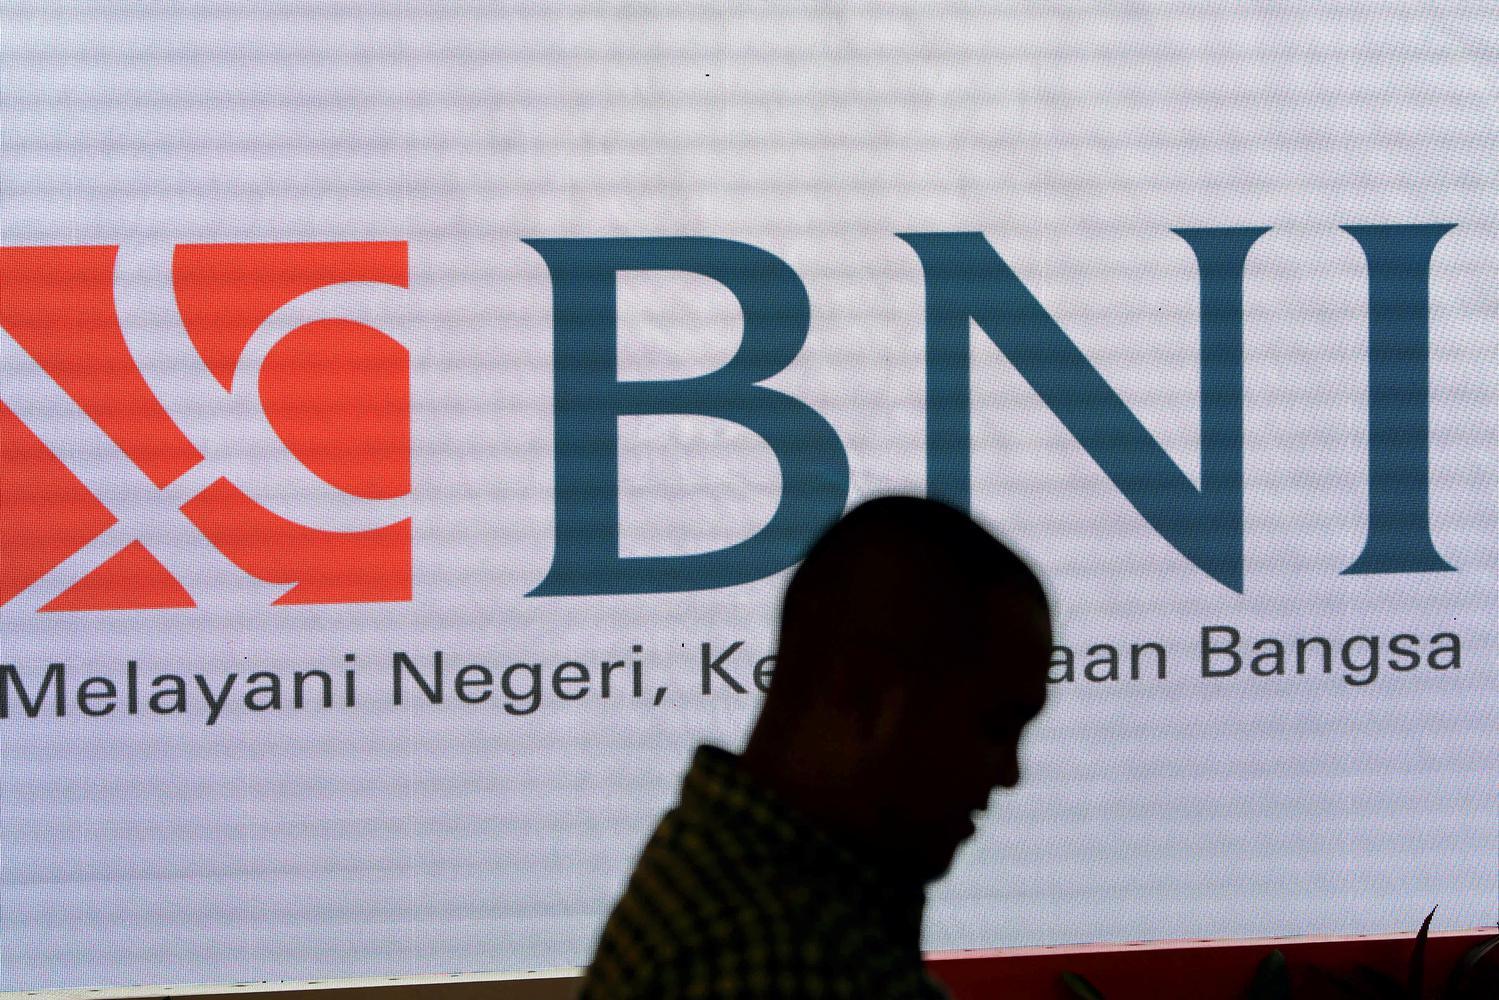 BBNI BMRI BBRI Laba Bersih dan Kredit 3 Bank Besar Pemerintah Tumbuh Melambat - Berita Katadata.co.id